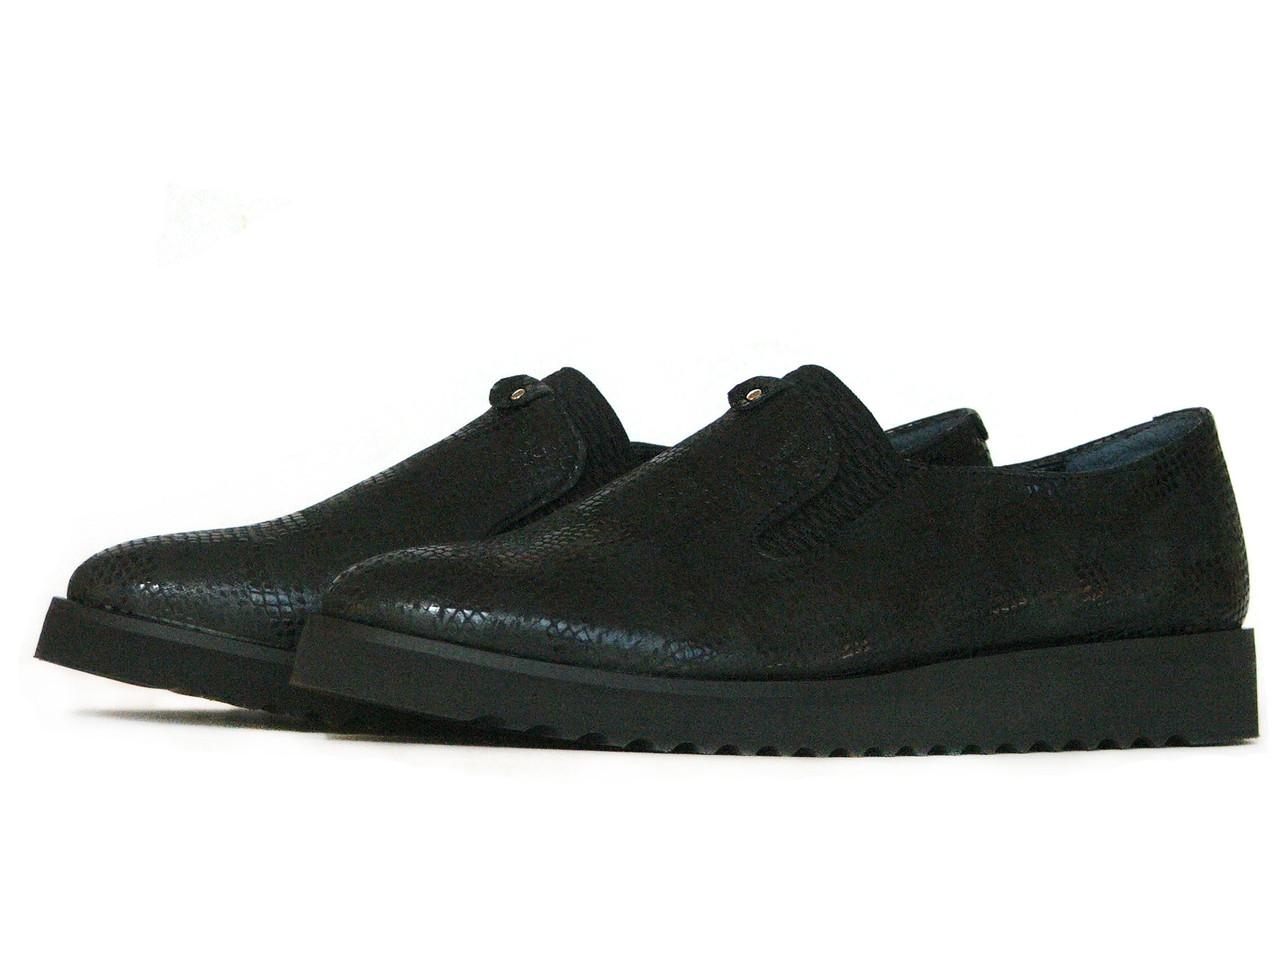 Черные женские туфли из фактурной натуральной кожи